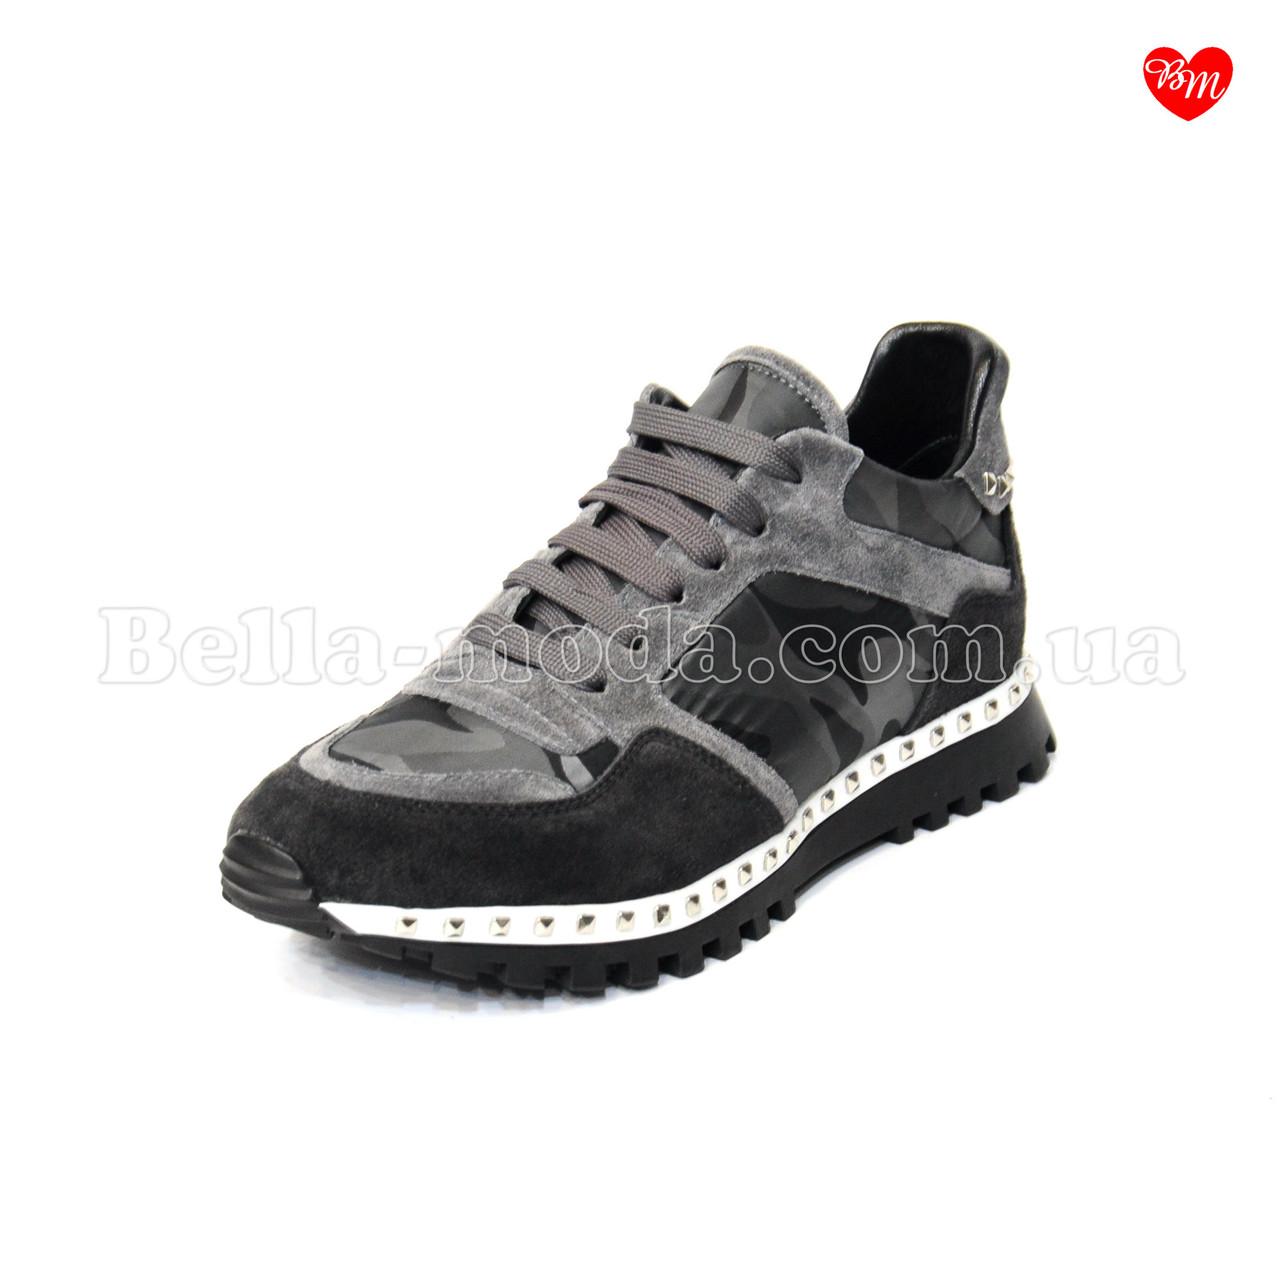 a352f596e870 Мужские кроссовки с шипами Valentino - интернет-магазин